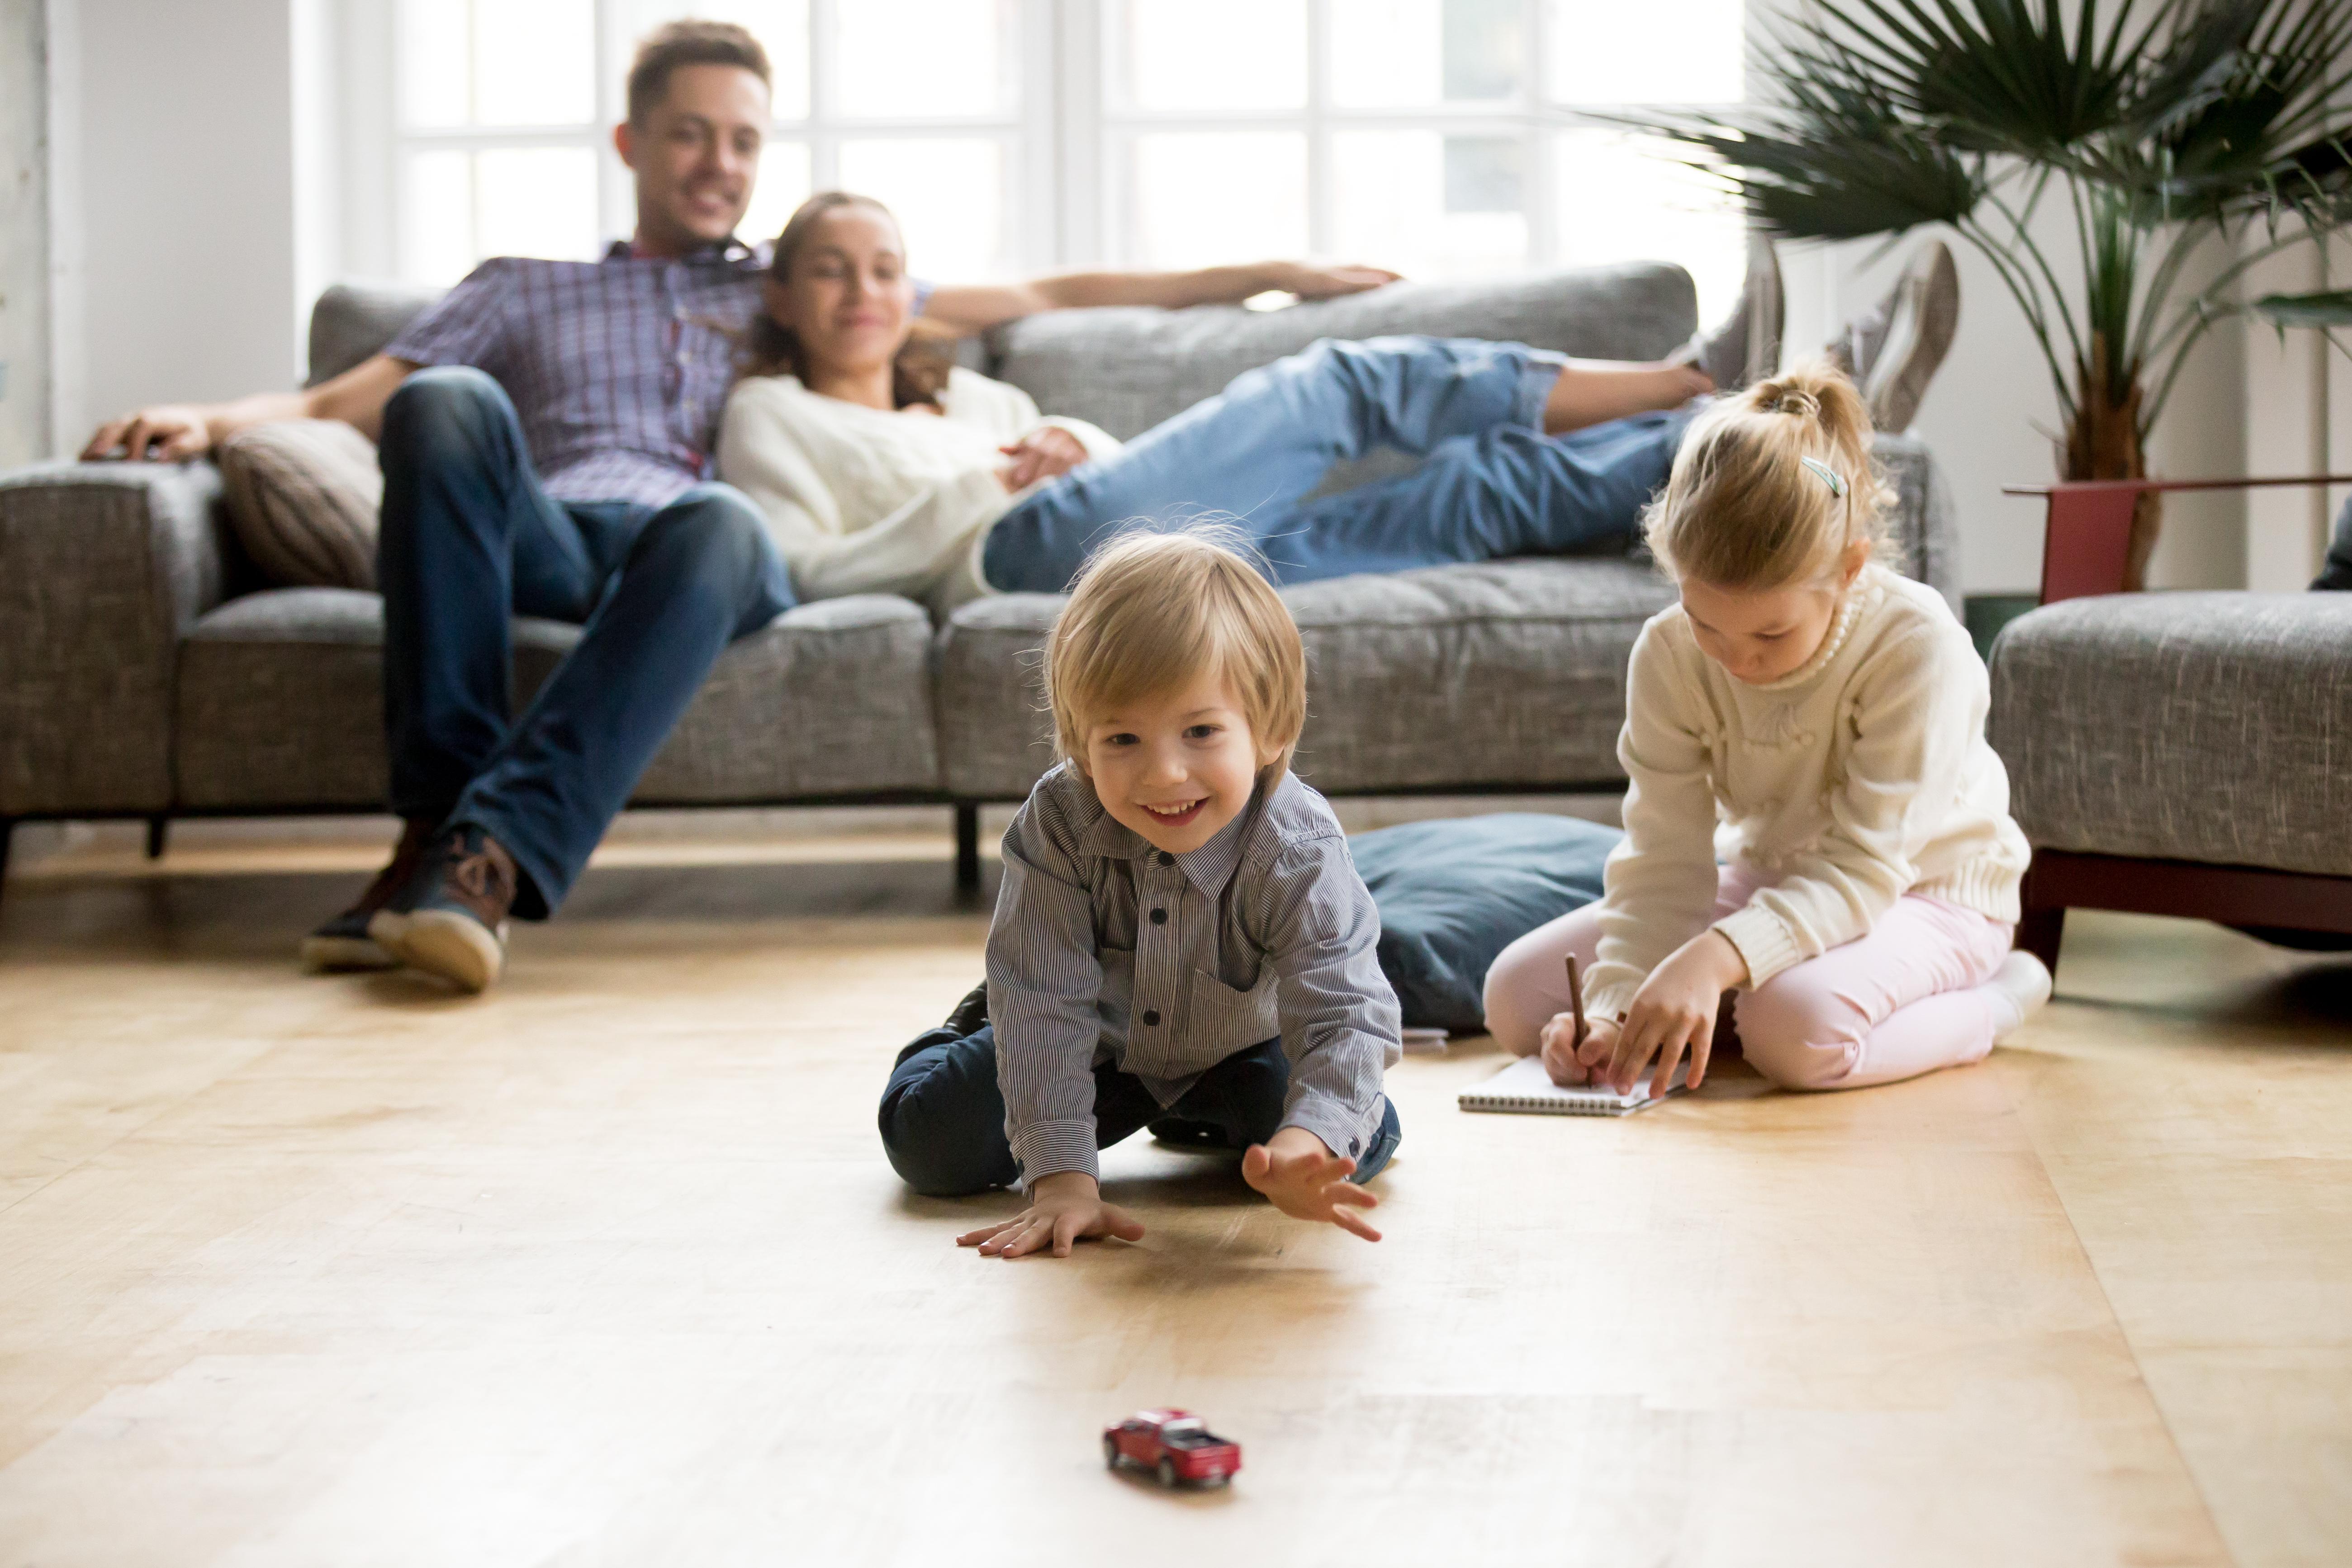 Чудесна възможност да прекарате повече време със семейството си. Да, ние чистим за най-близките си, не само за нас, но понякога не осъзнаваме, че се потапяме изцяло в тази активност и не усещаме как е минал почивния ни ден.